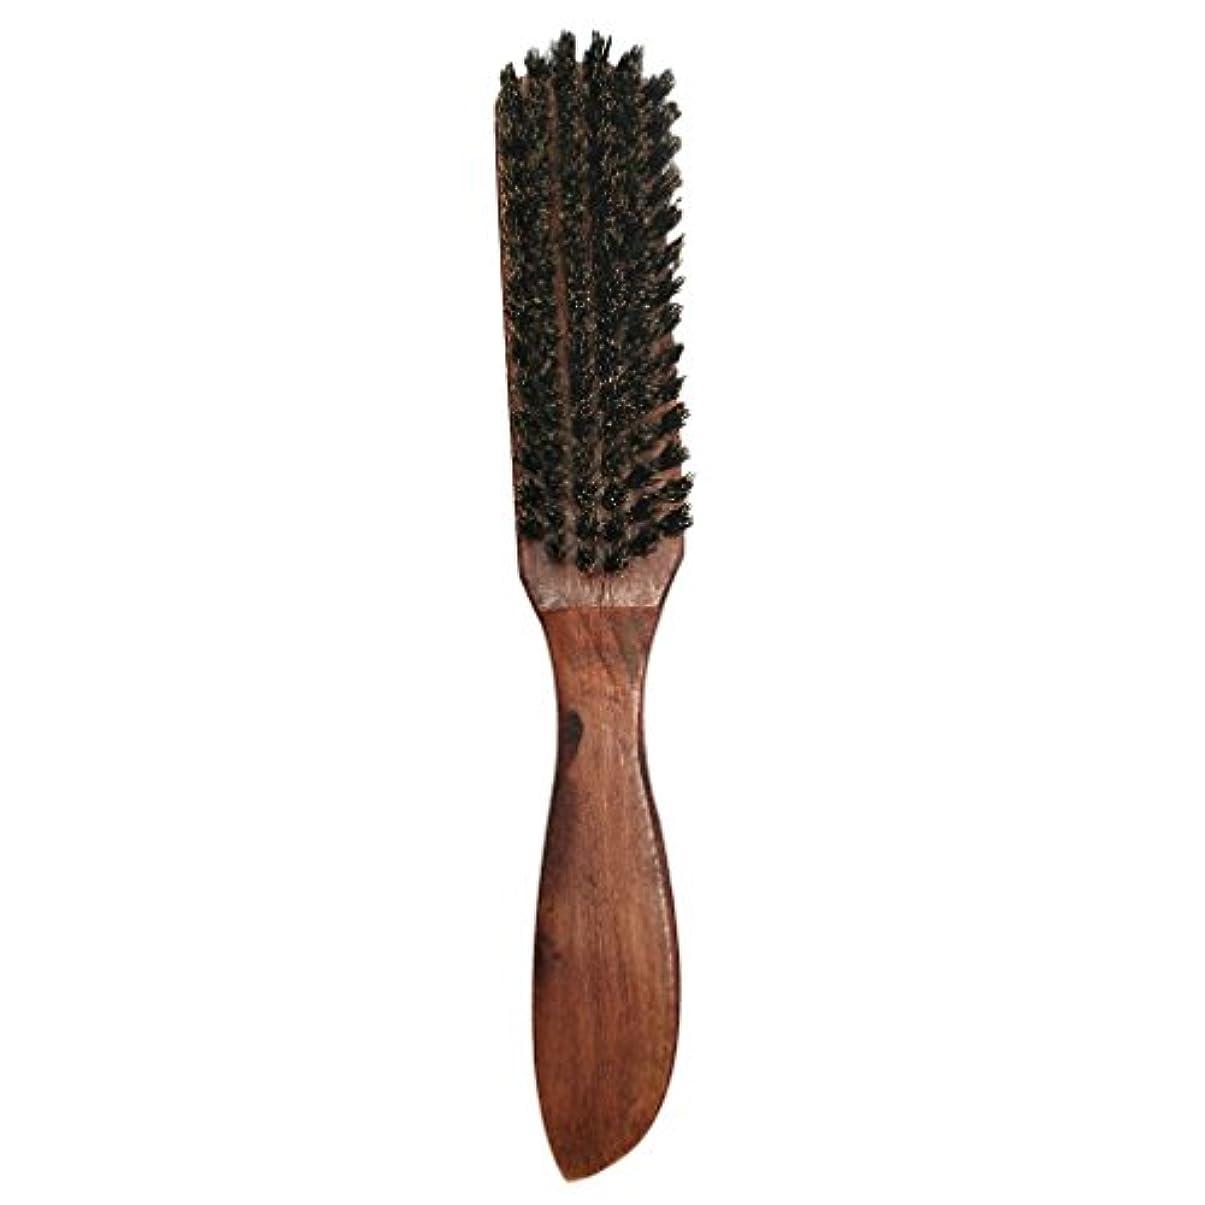 弾性領収書征服するメンズナチュラルファームブラシひげ口ひげスタイリンググルーミングシェービング木製ハンドルコームすべてのひげバームとオイルで動作します - #2